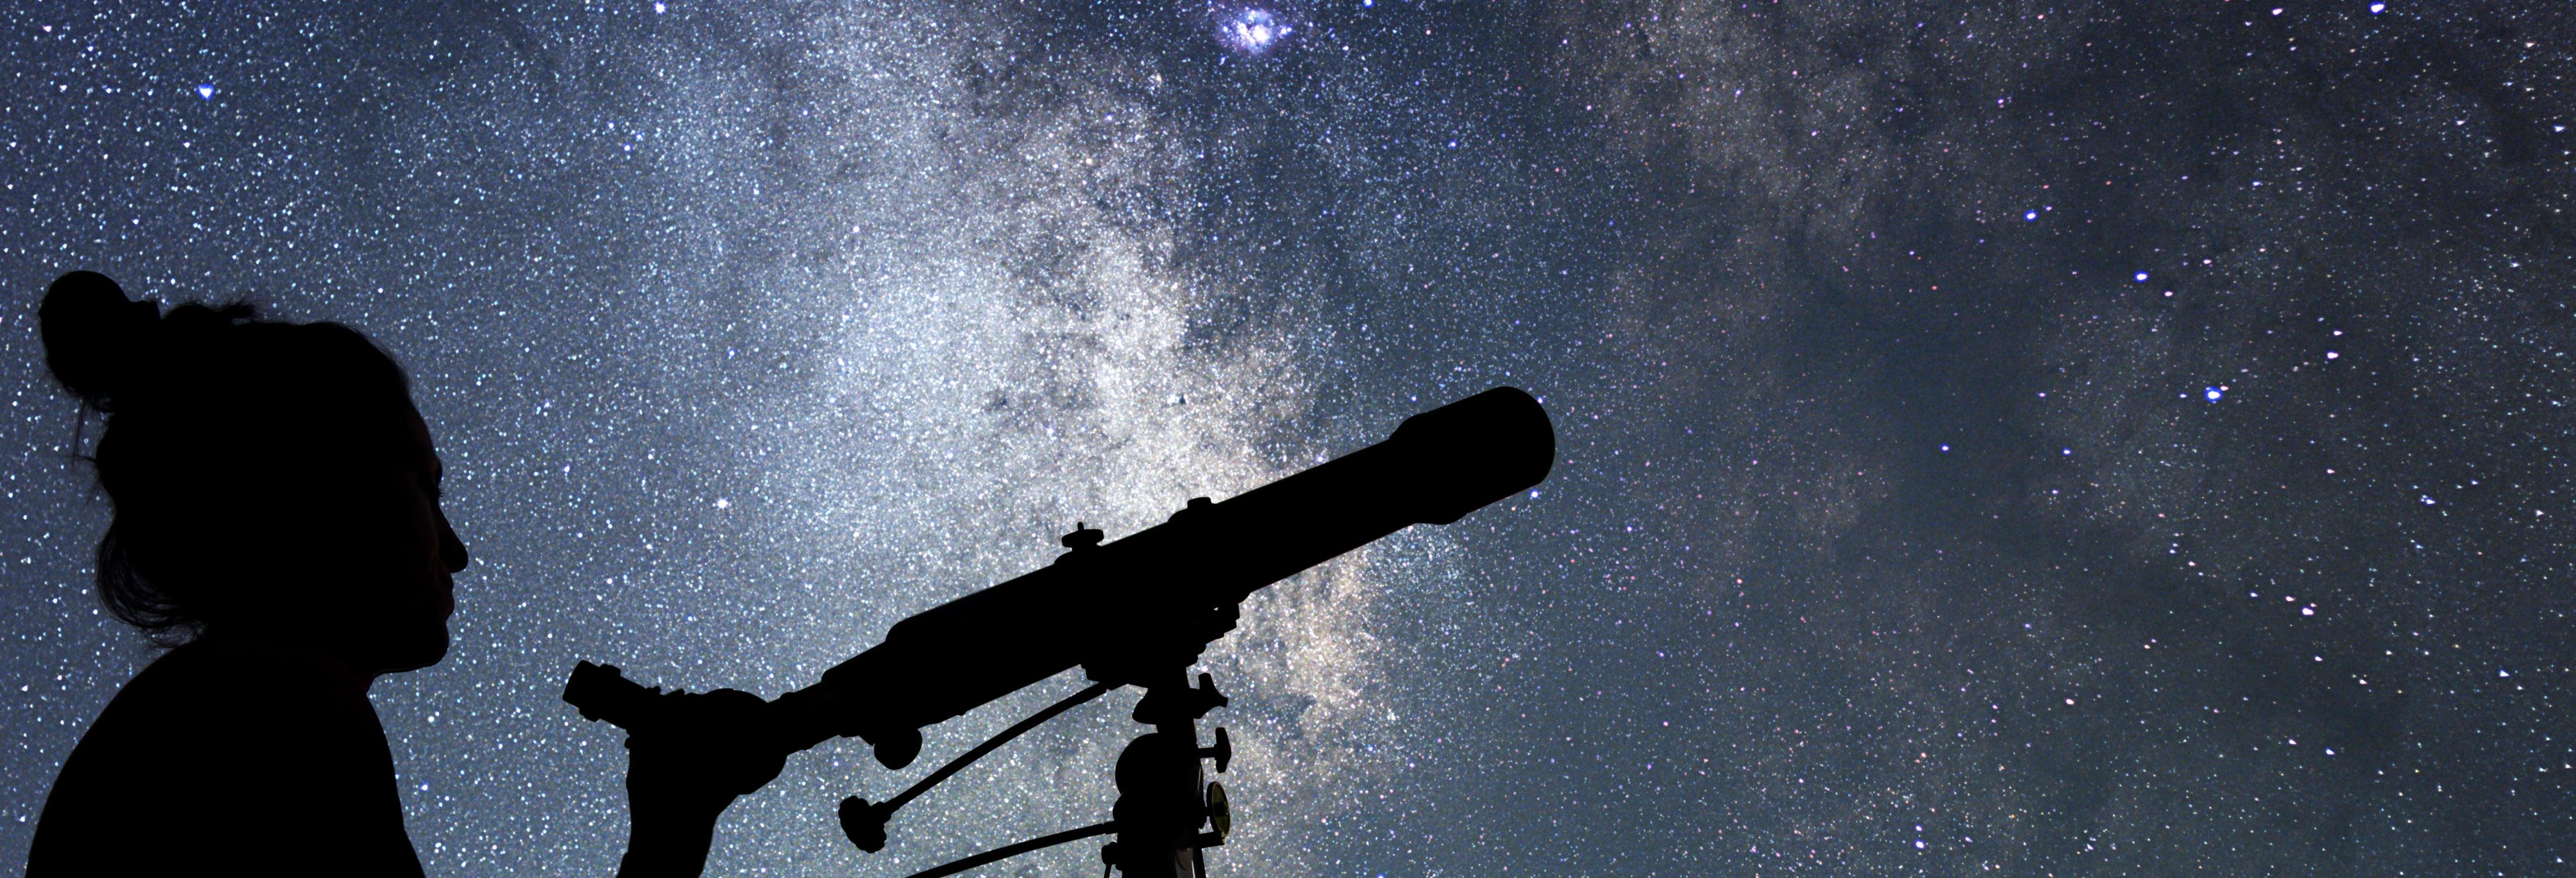 Observación de estrellas en Cabo de Gata